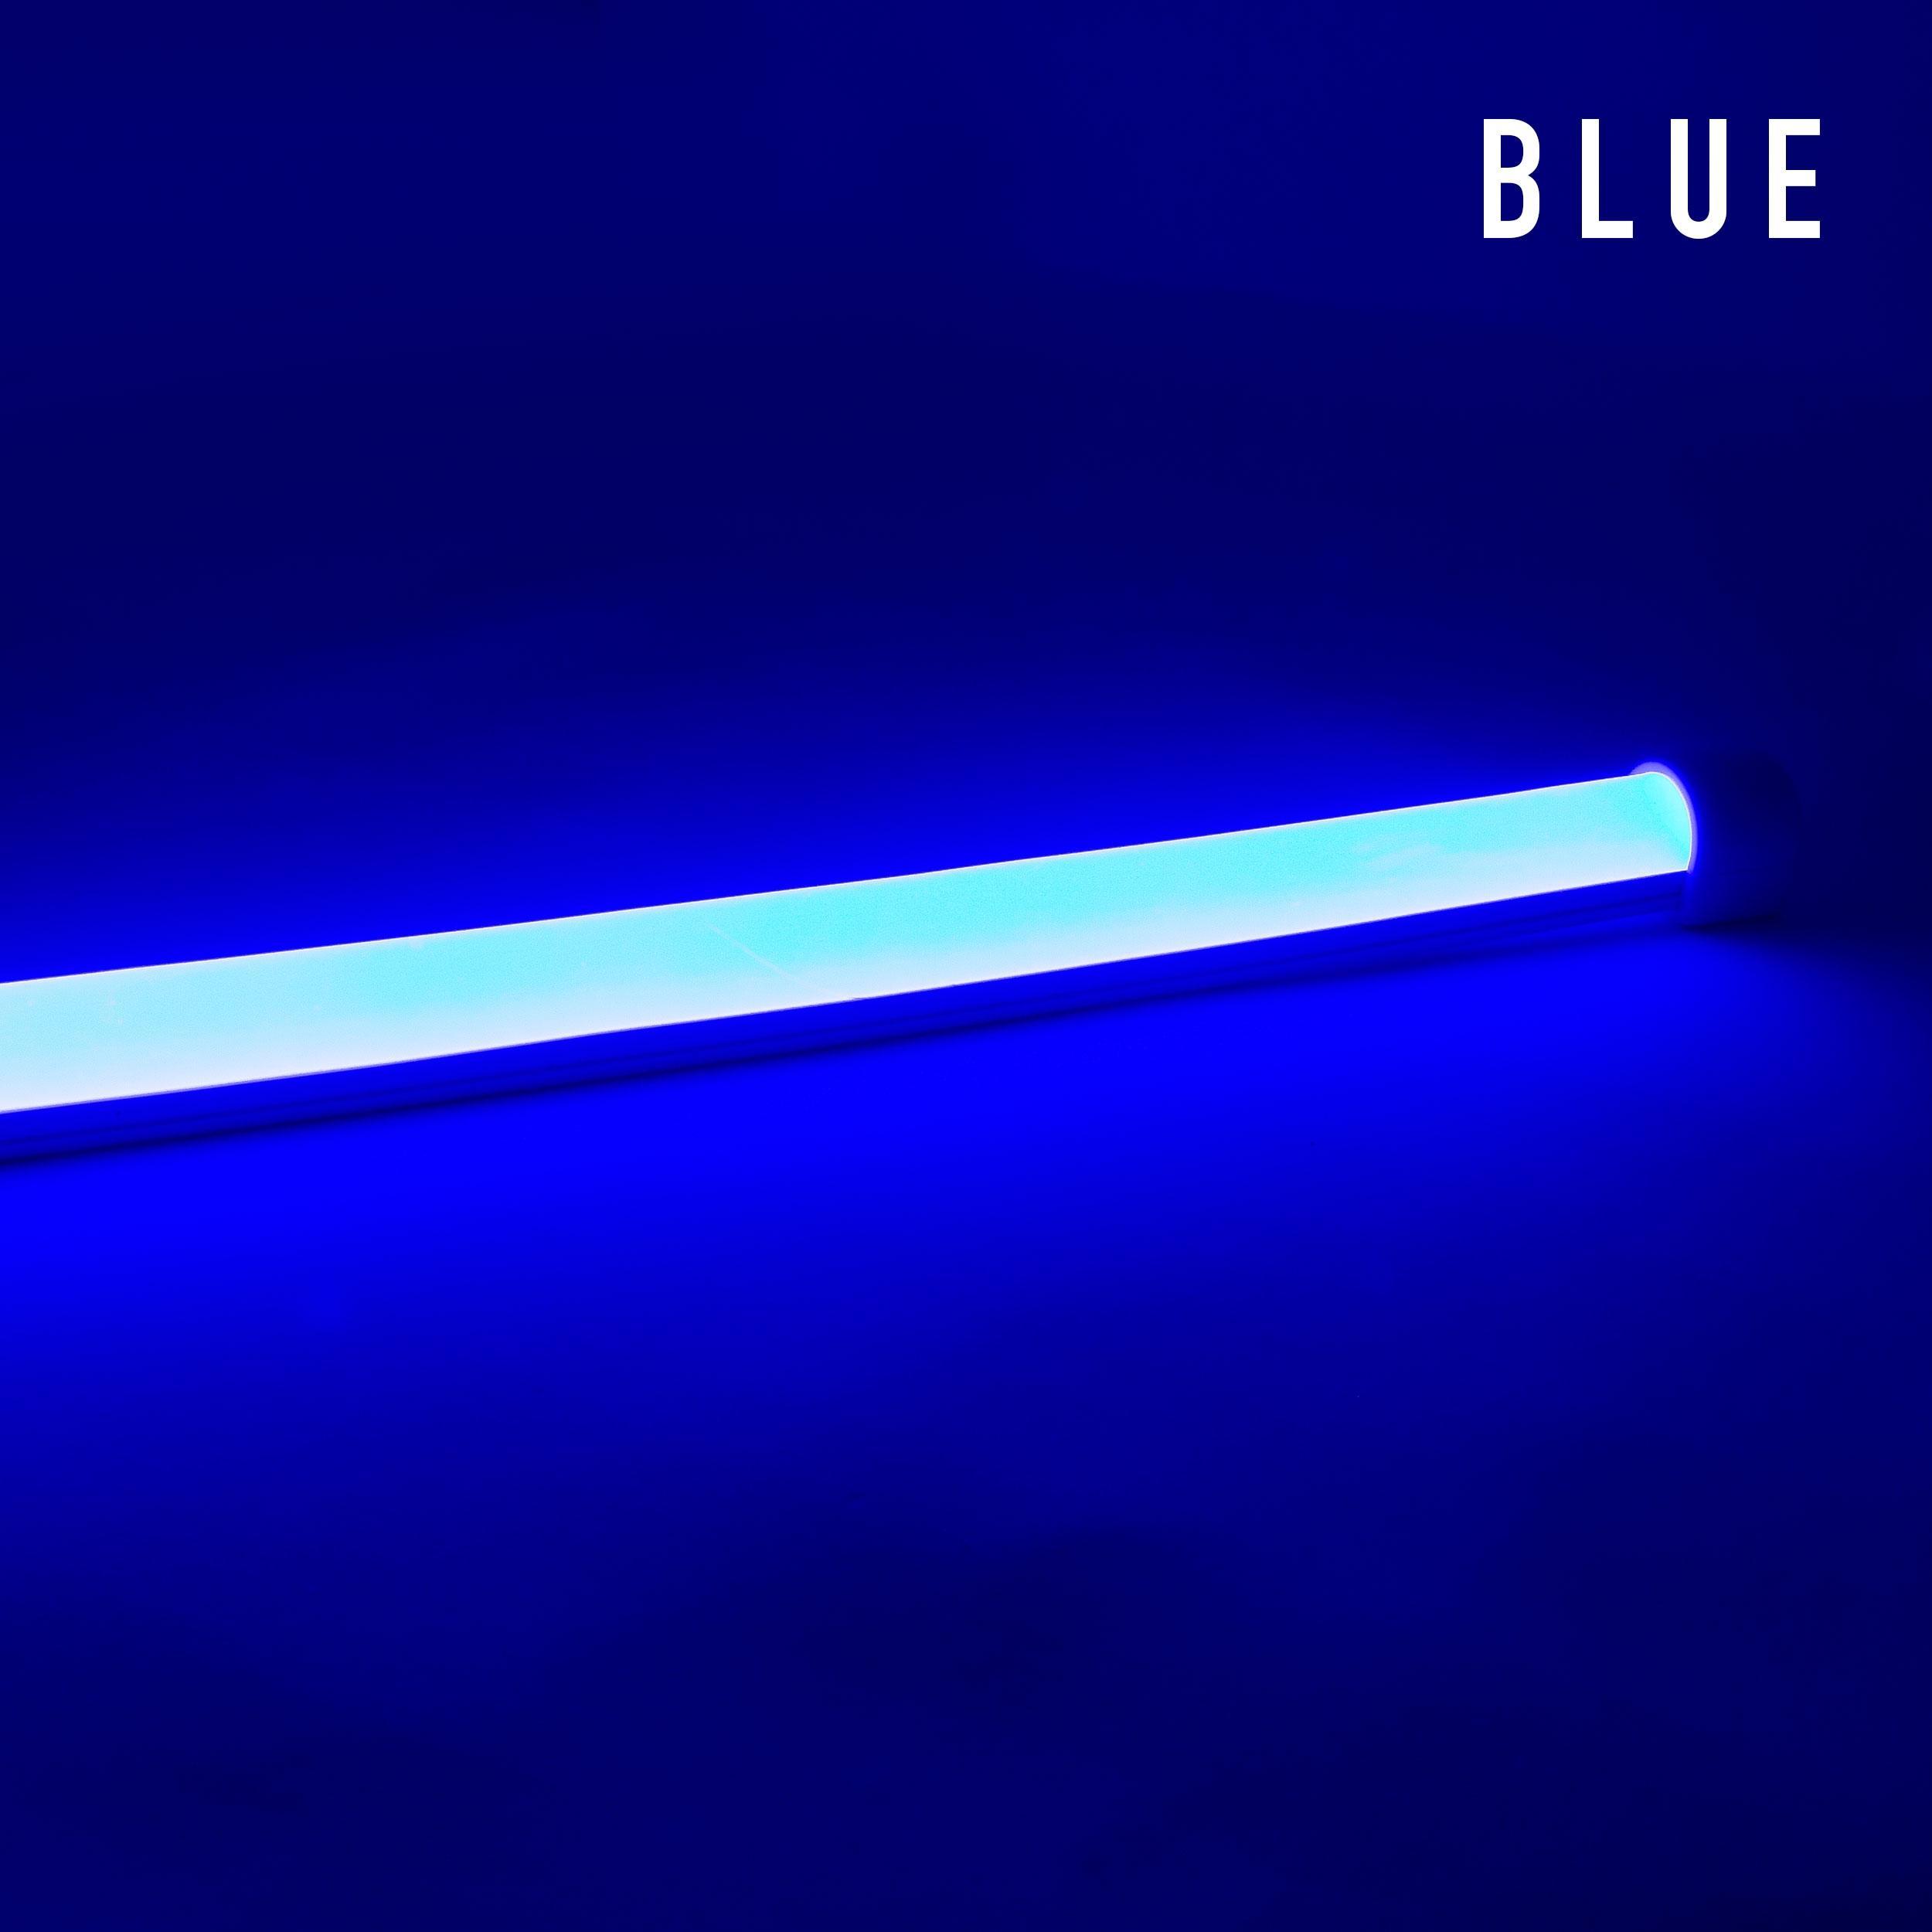 Neon Blaze Flexible Led Lighting Diode Led